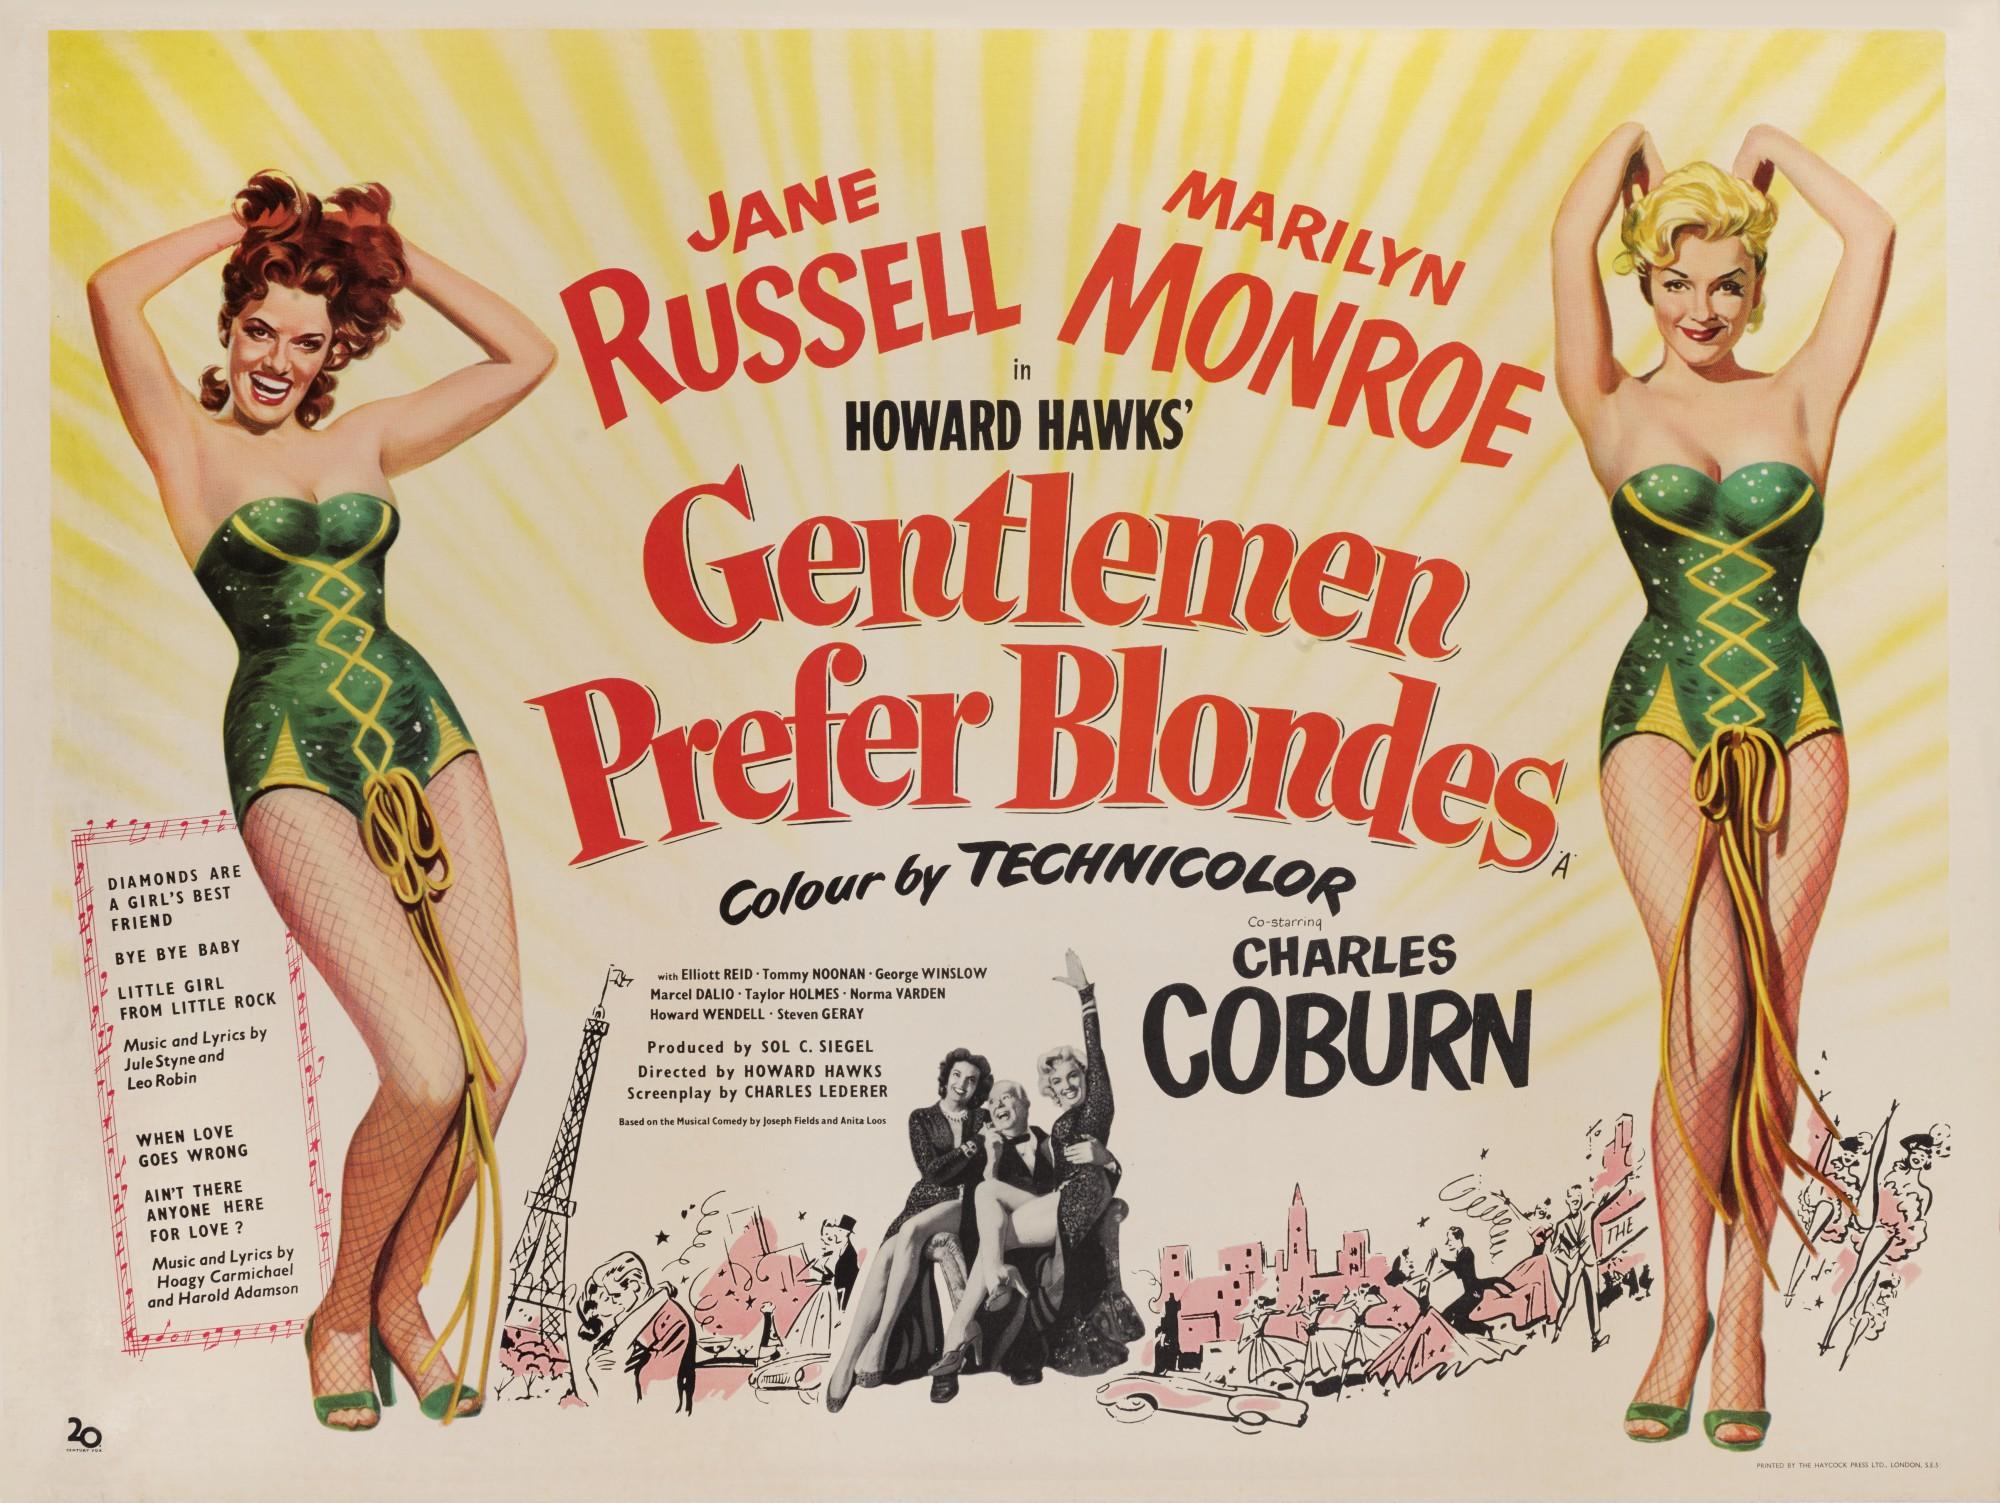 GENTLEMEN PREFER BLONDES (1953) POSTER, BRITISH